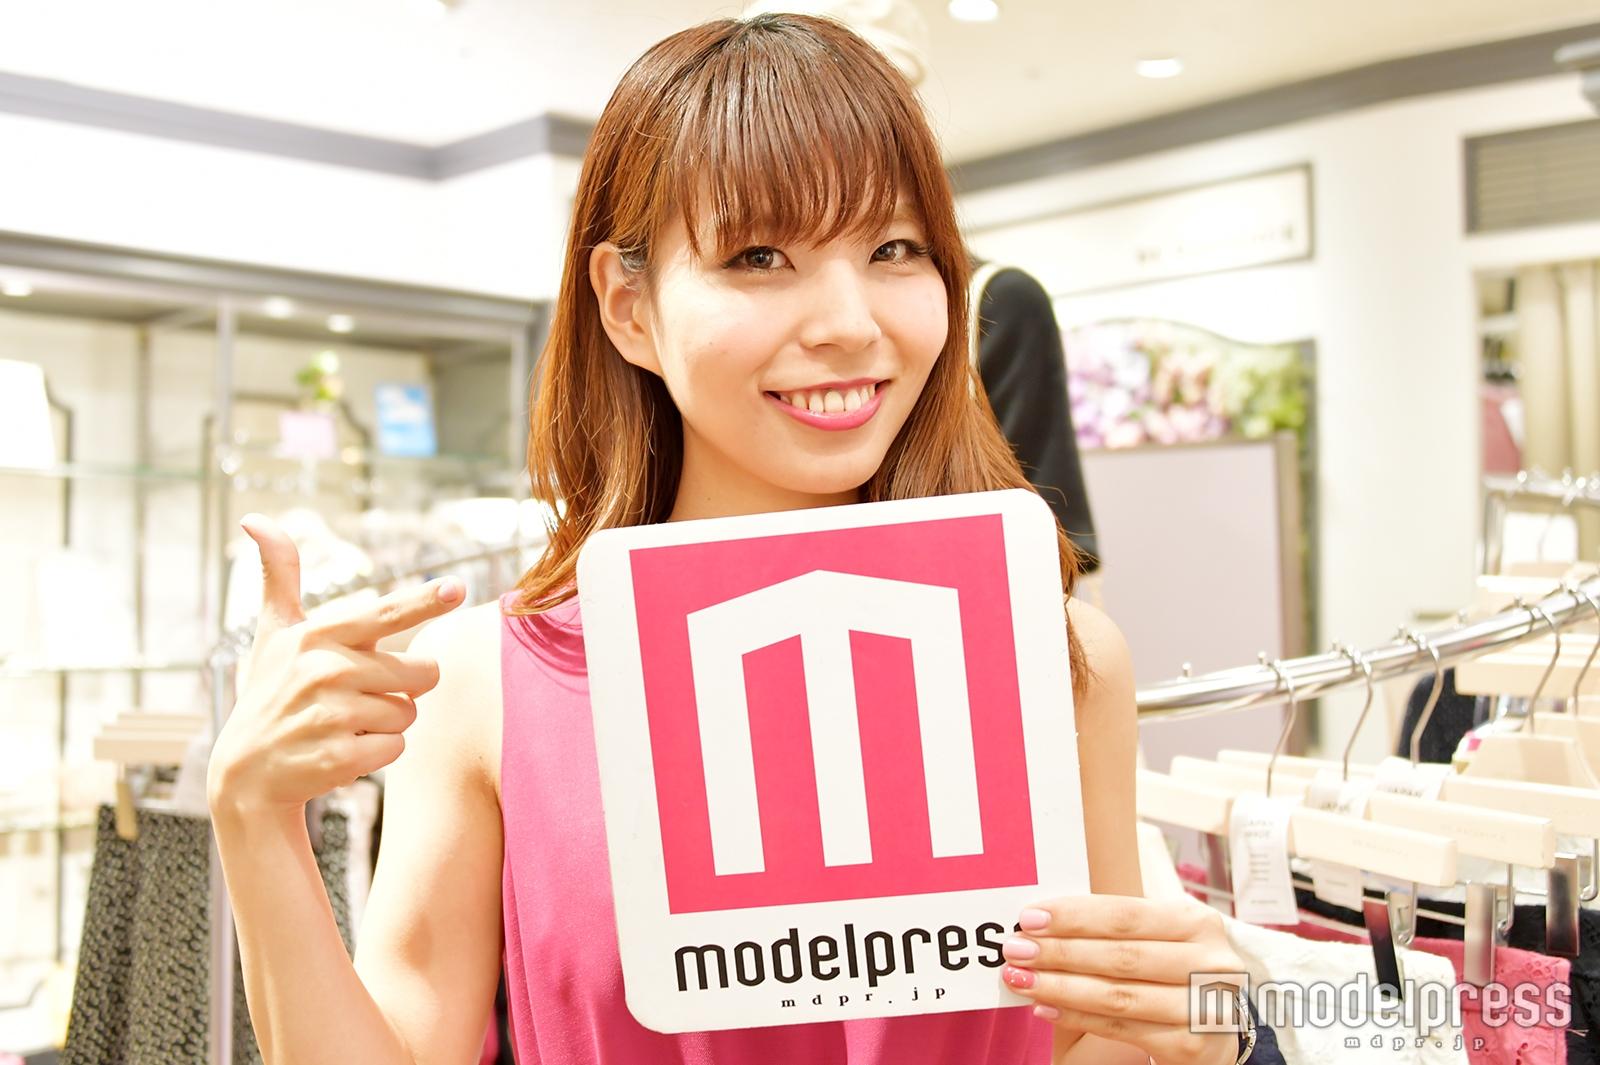 小宅瑳也香さん(C)モデルプレス